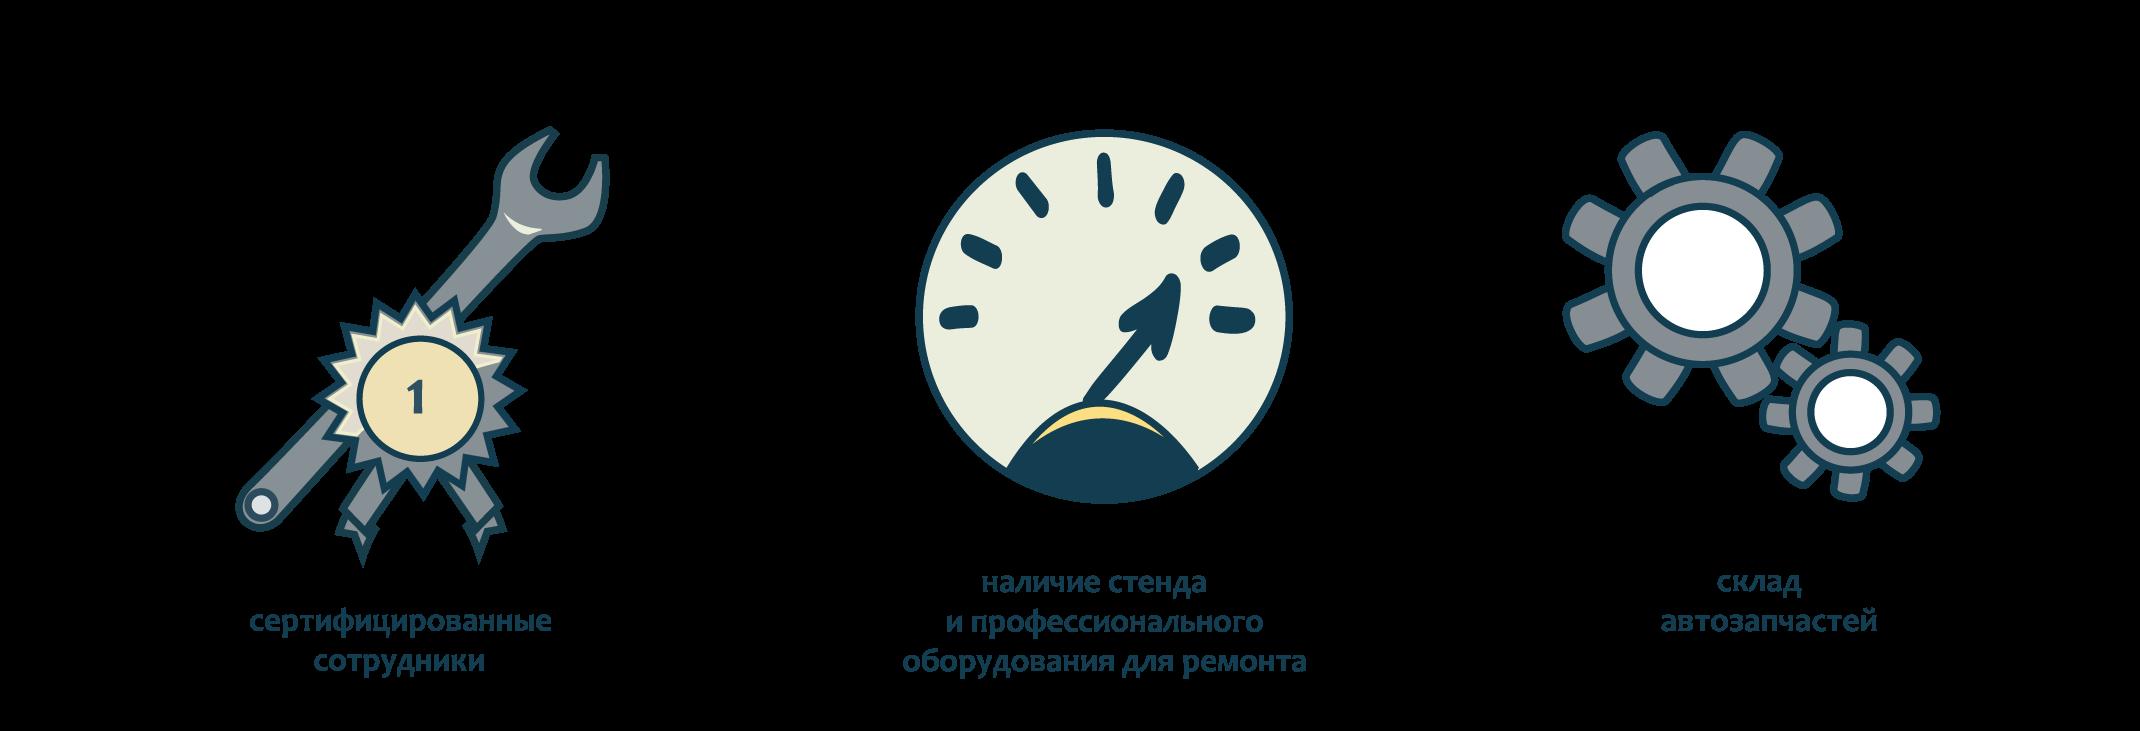 ovk2 (1)